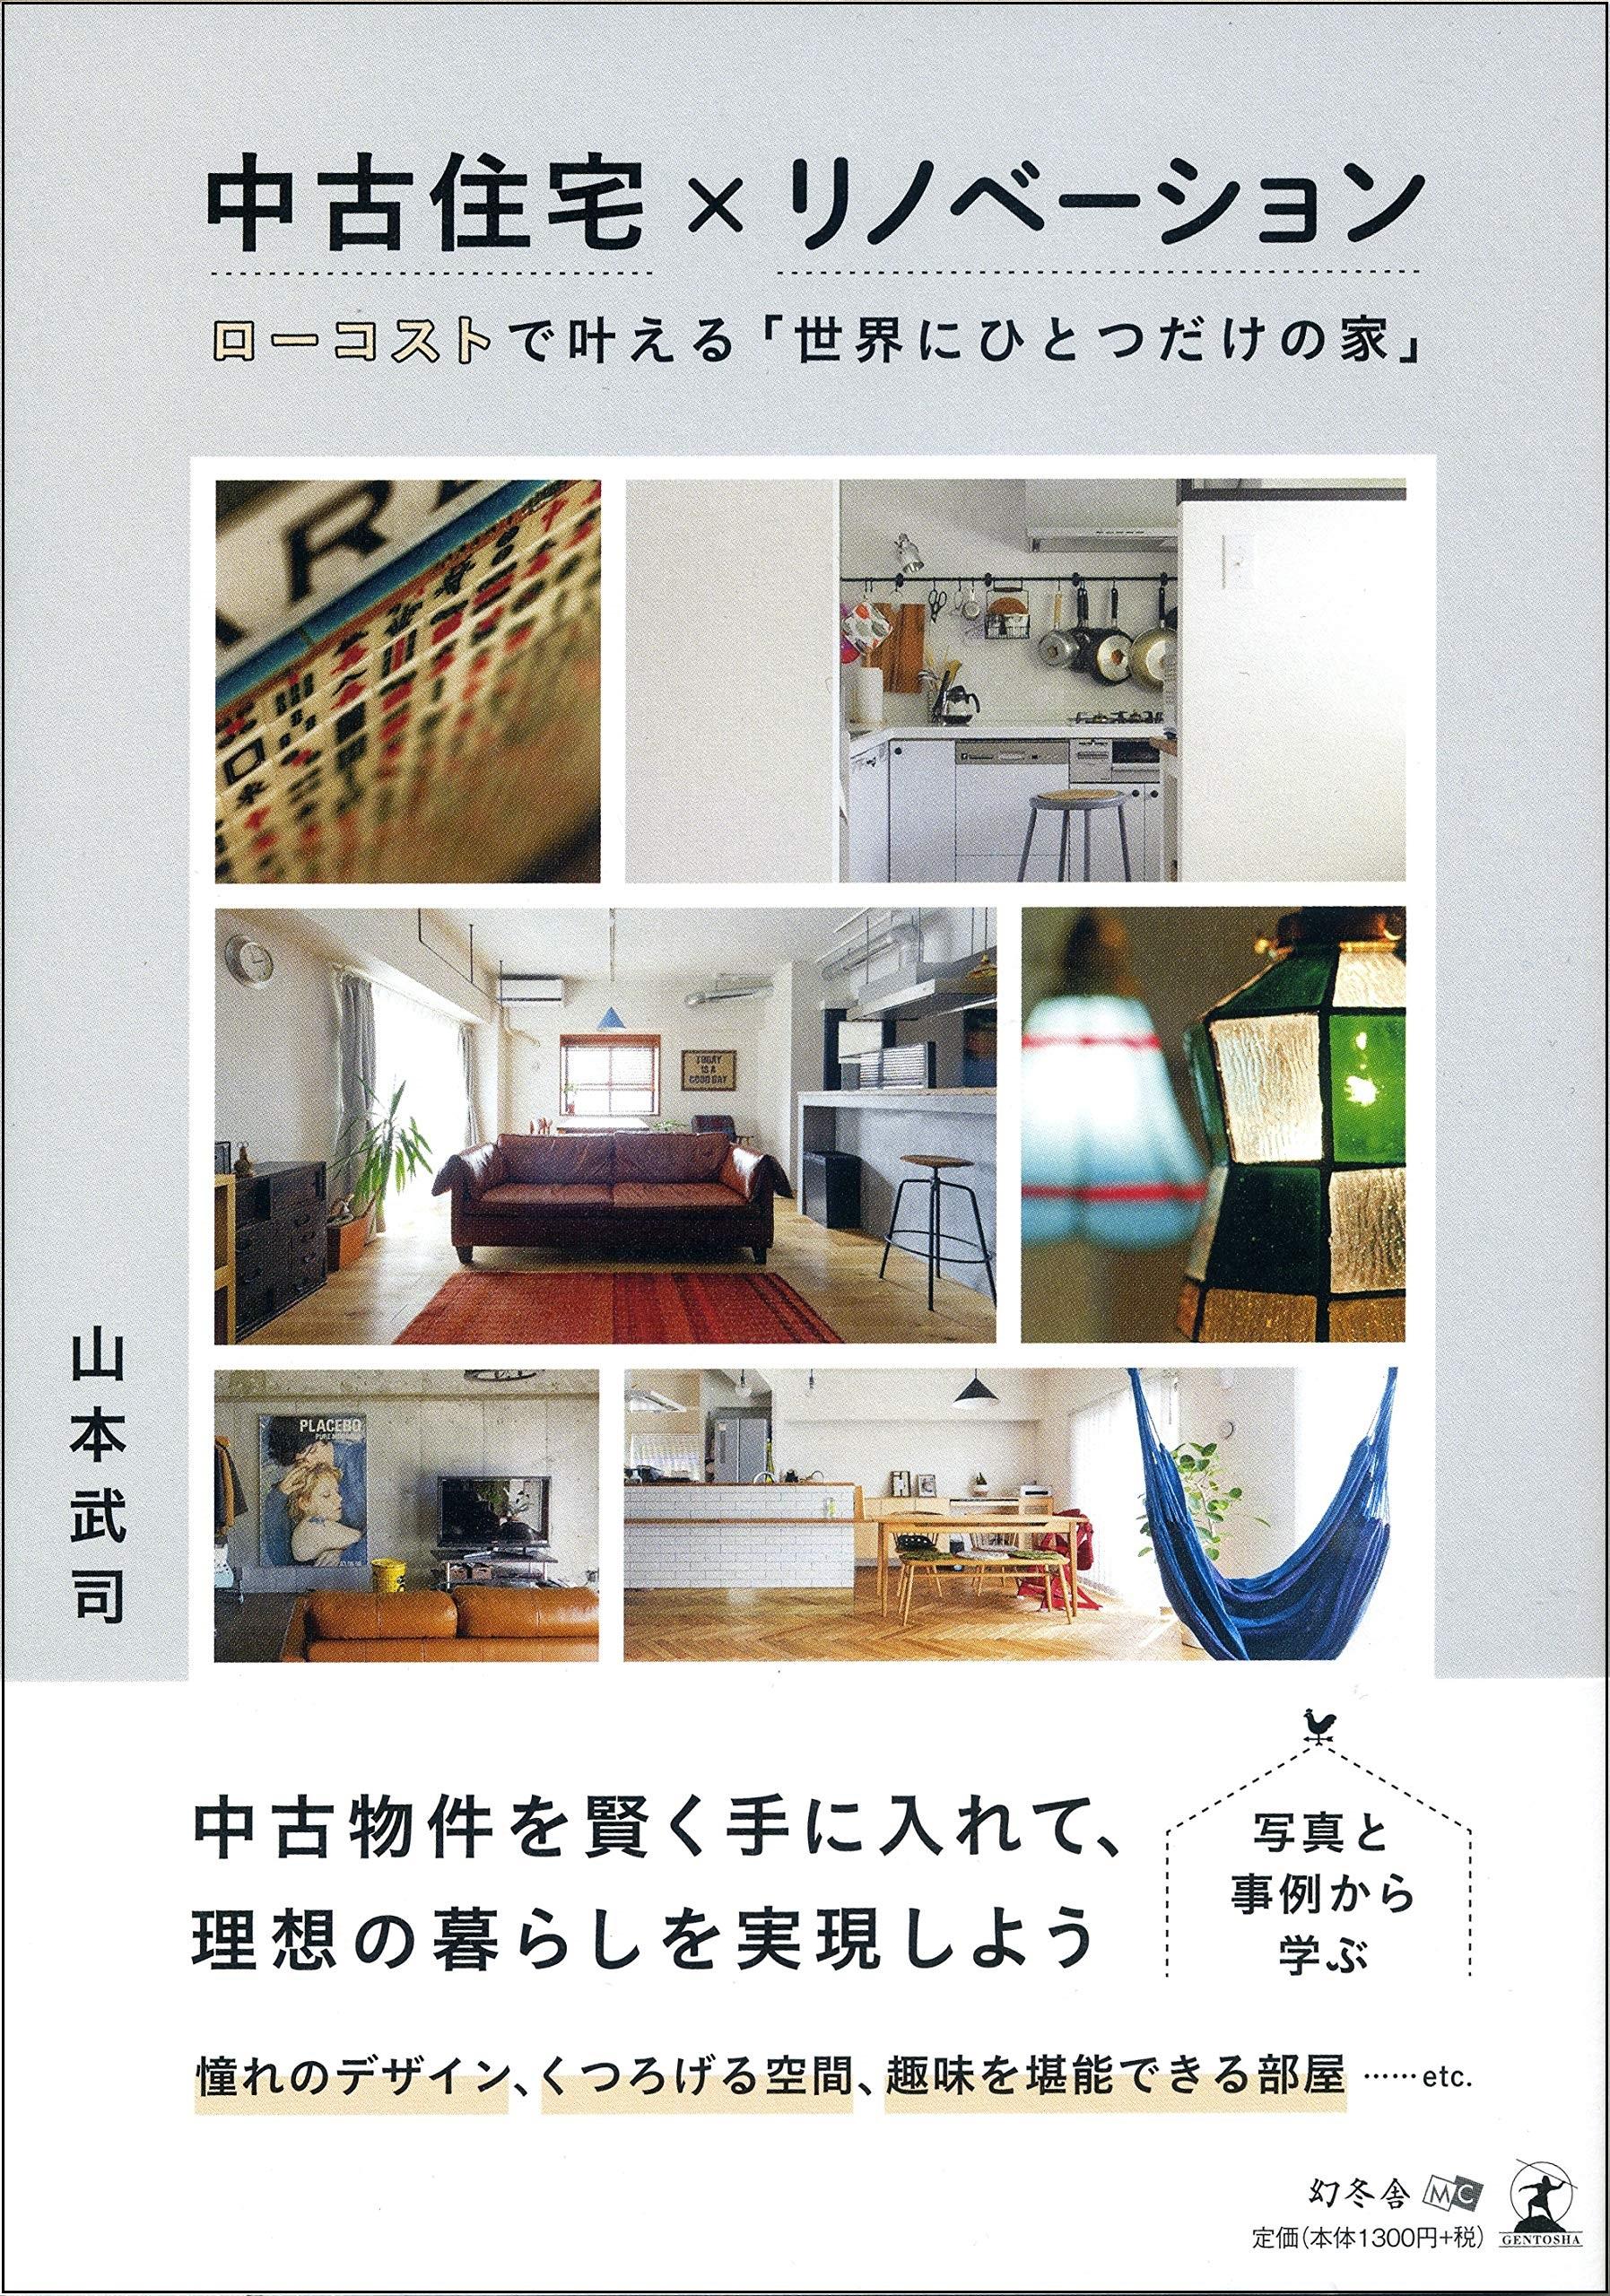 中古住宅×リノベーション ローコストで叶える「世界にひとつだけの家」(幻冬舎メディアコンサルティング)